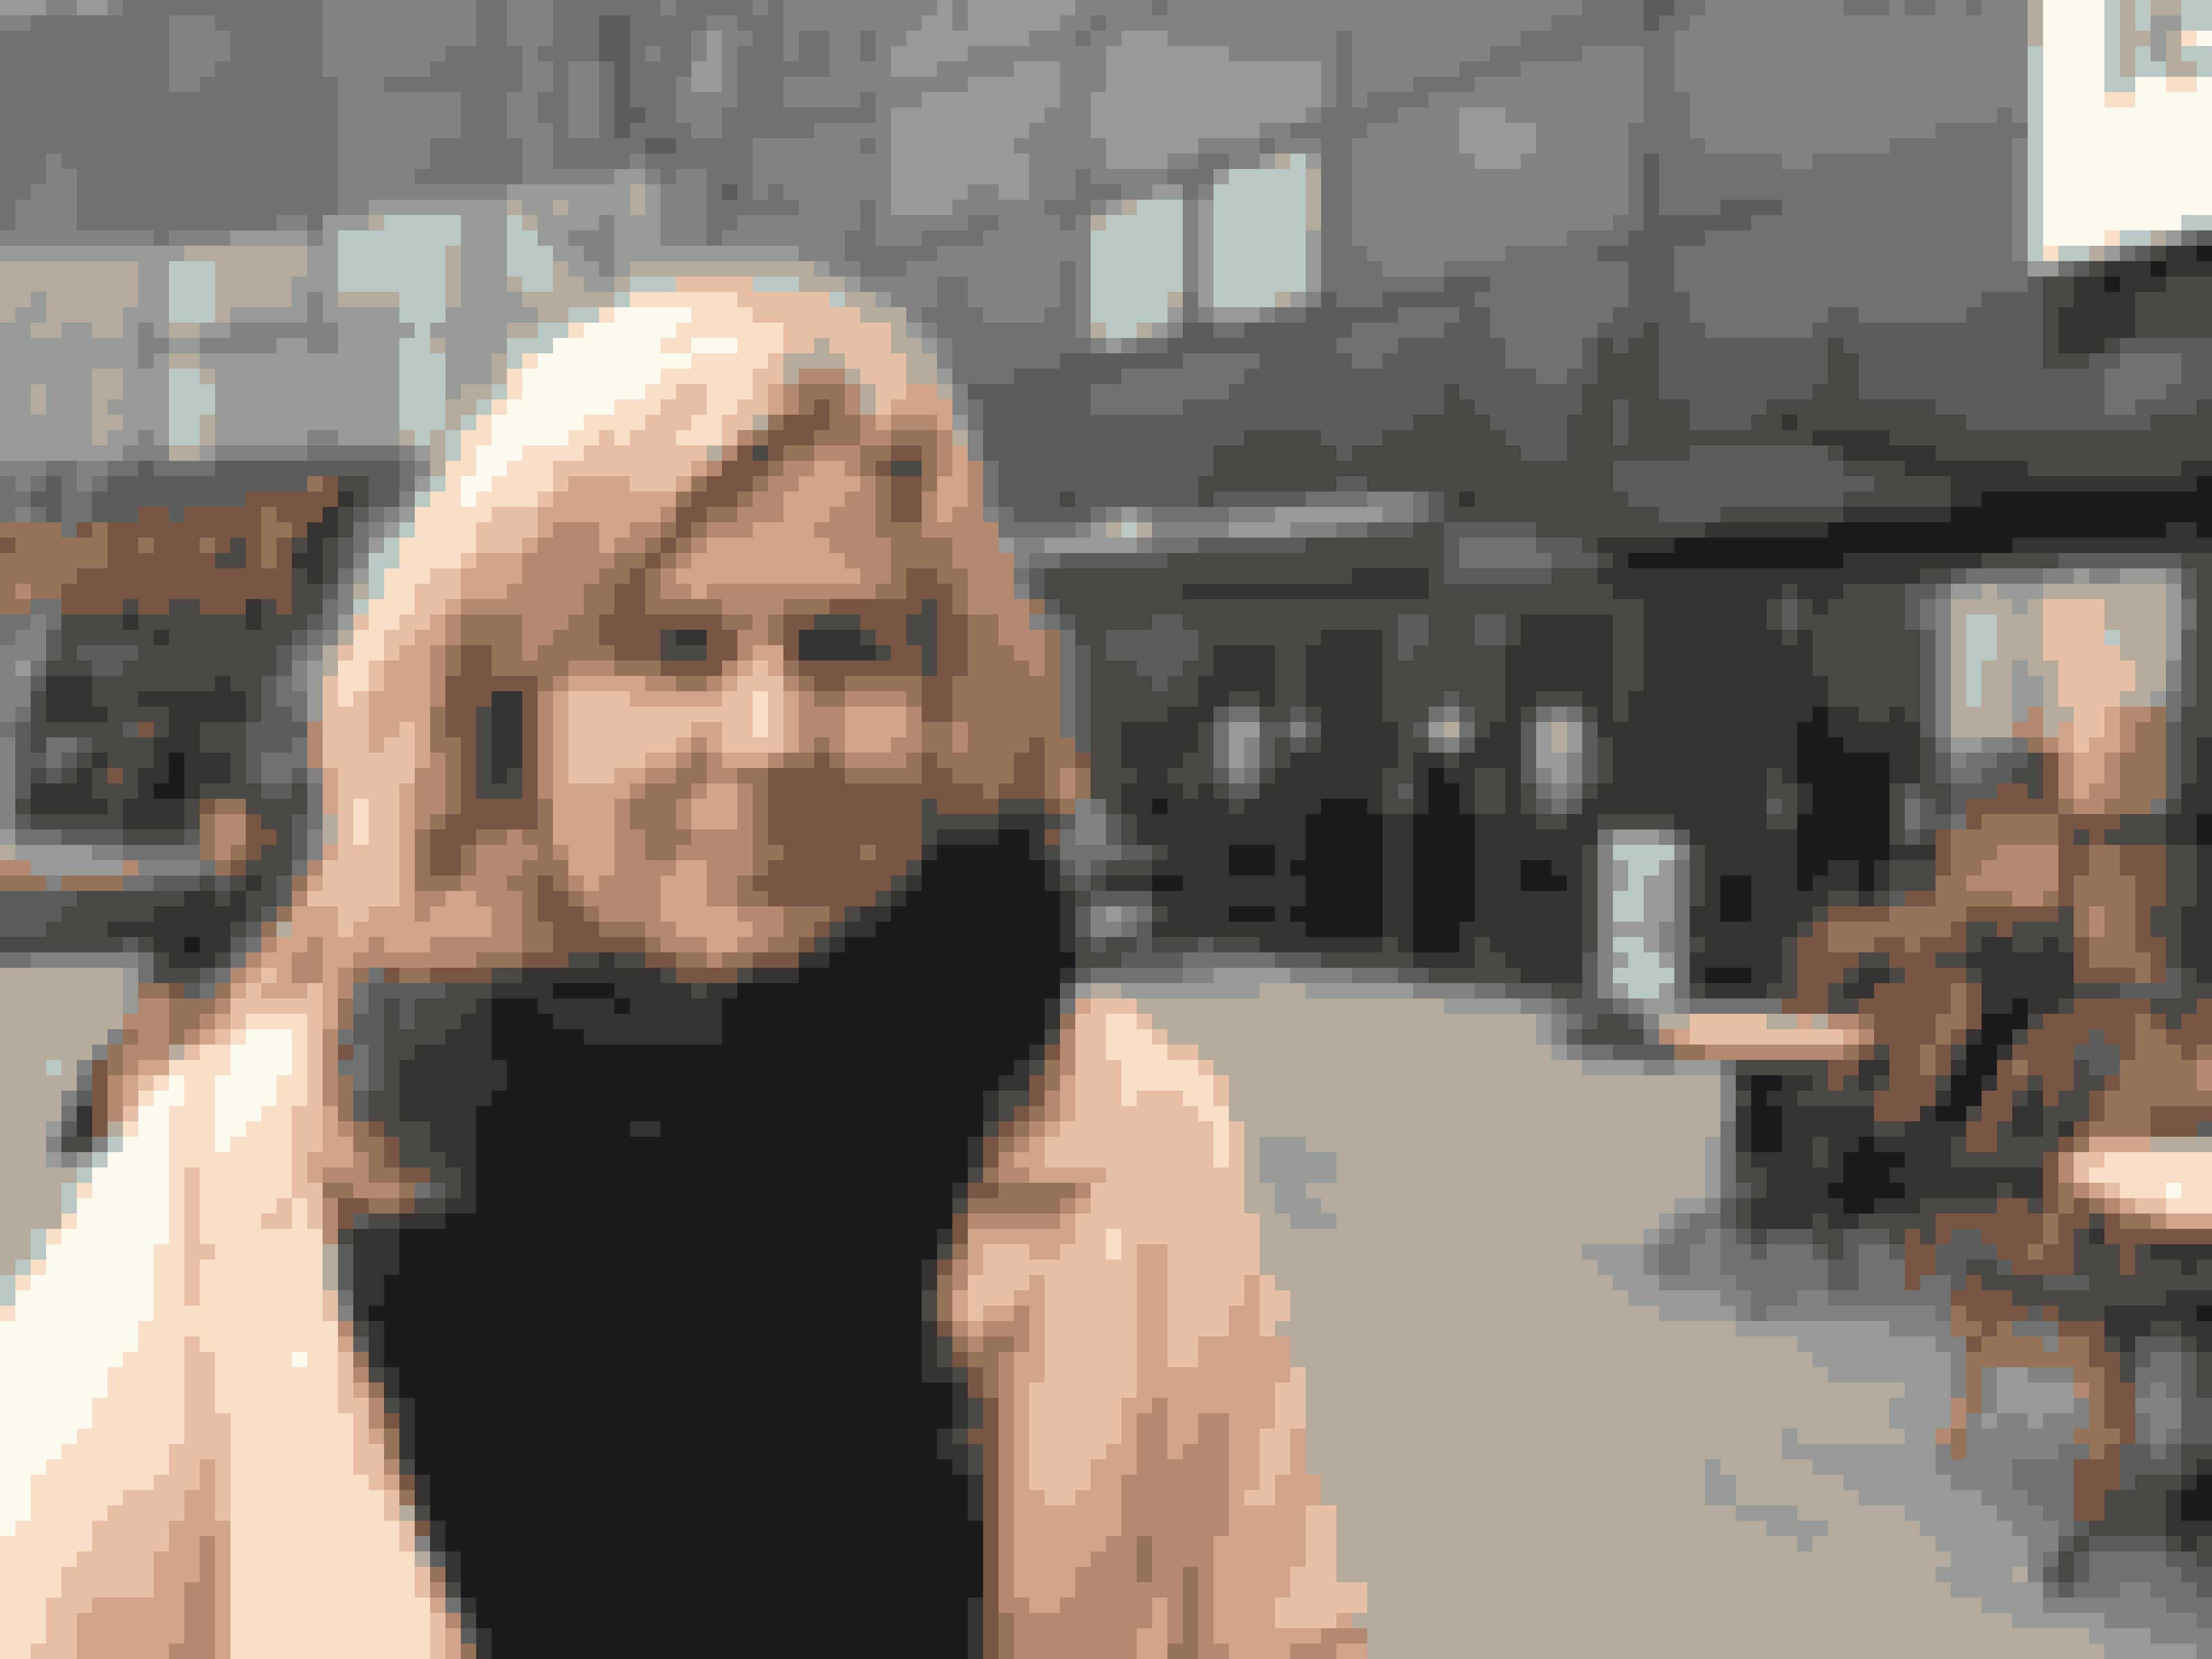 Maria Gadegård, 33 år, kandidat i Informatik og Ledelse, København:- Beløbet er lidt forskelligt fra år til år. Nok i nærheden af de 3000 kr. I min familie giver de voksne ikke hinanden gaver. Sommetider køber jeg dog til mine forældre. De fleste af pengene bliver dog brugt på gaver til min søn, mine nevøer og veninder. I år har jeg sat mig for at være tidligt ude med juleindkøbene, da jeg studerer. Jeg vil helst have det bedste, og lige præcis det folk har ønsket sig. Derfor er jeg i mange forskellige butikker, hvor jeg bliver inspireret til den helt rette gave.